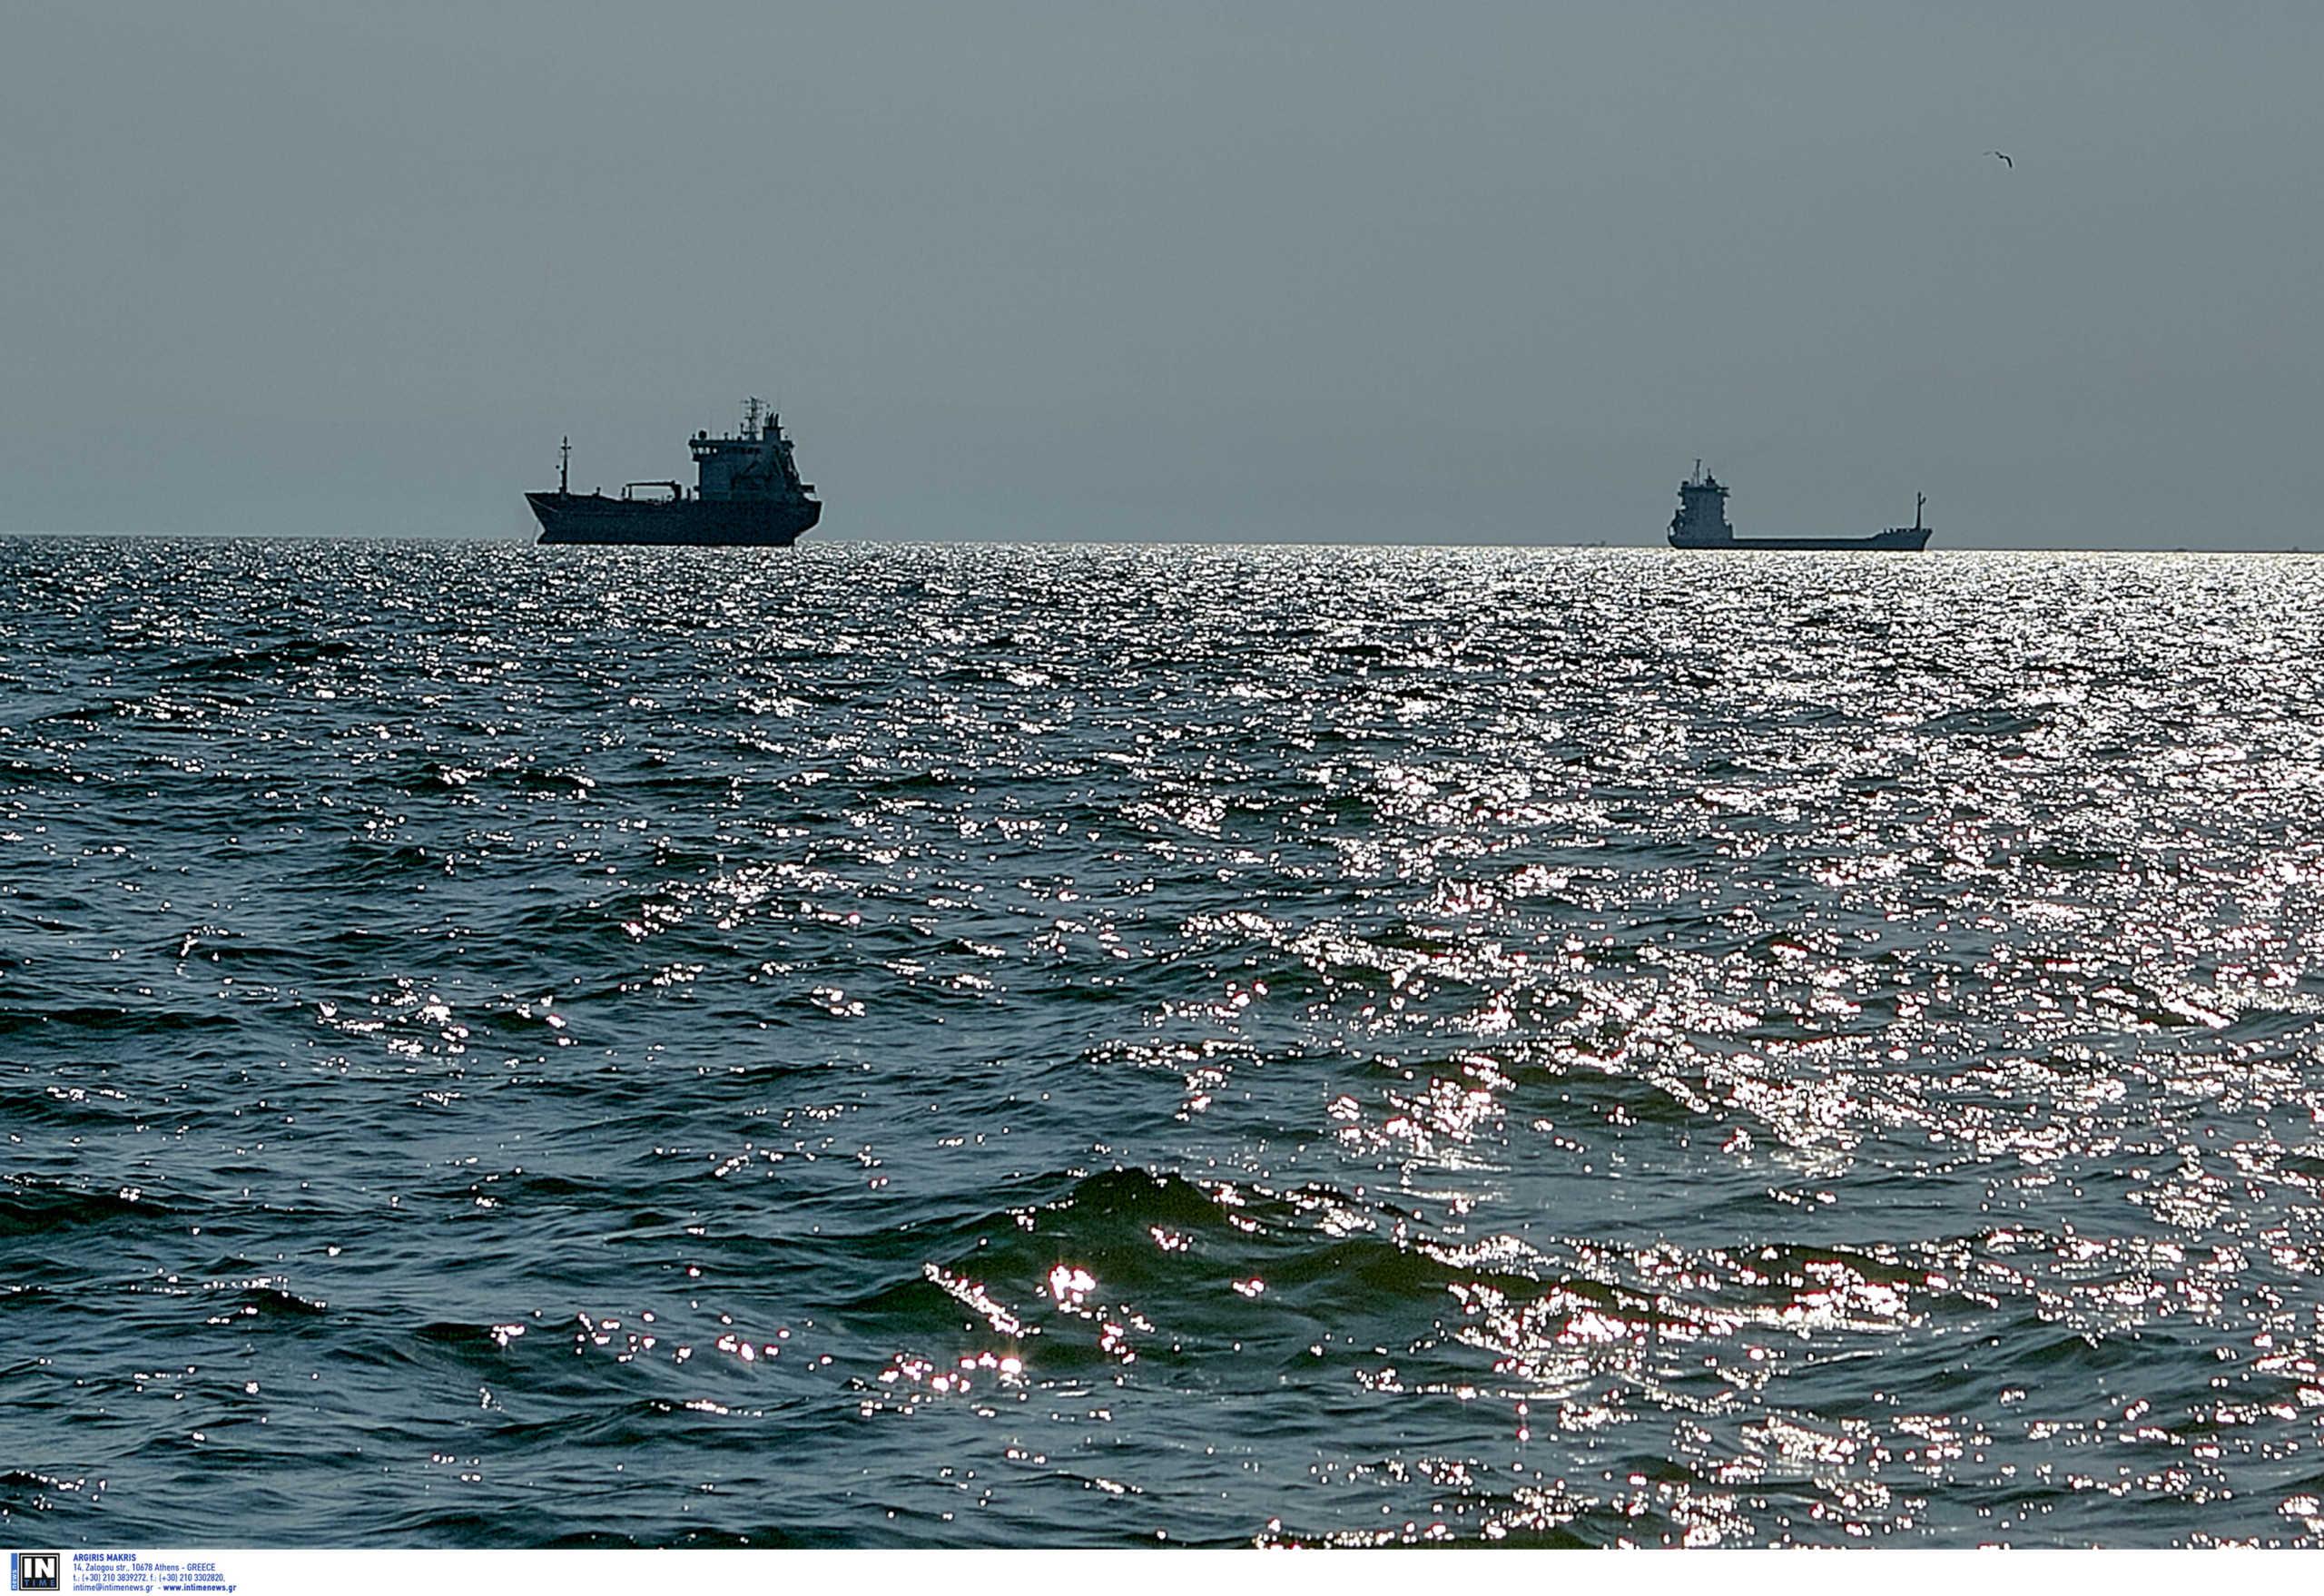 Θεσσαλονίκη: Μέχρι και αυτοκίνητο βρέθηκε στη θάλασσα του Θερμαϊκού – Απίστευτες εικόνες στο βυθό